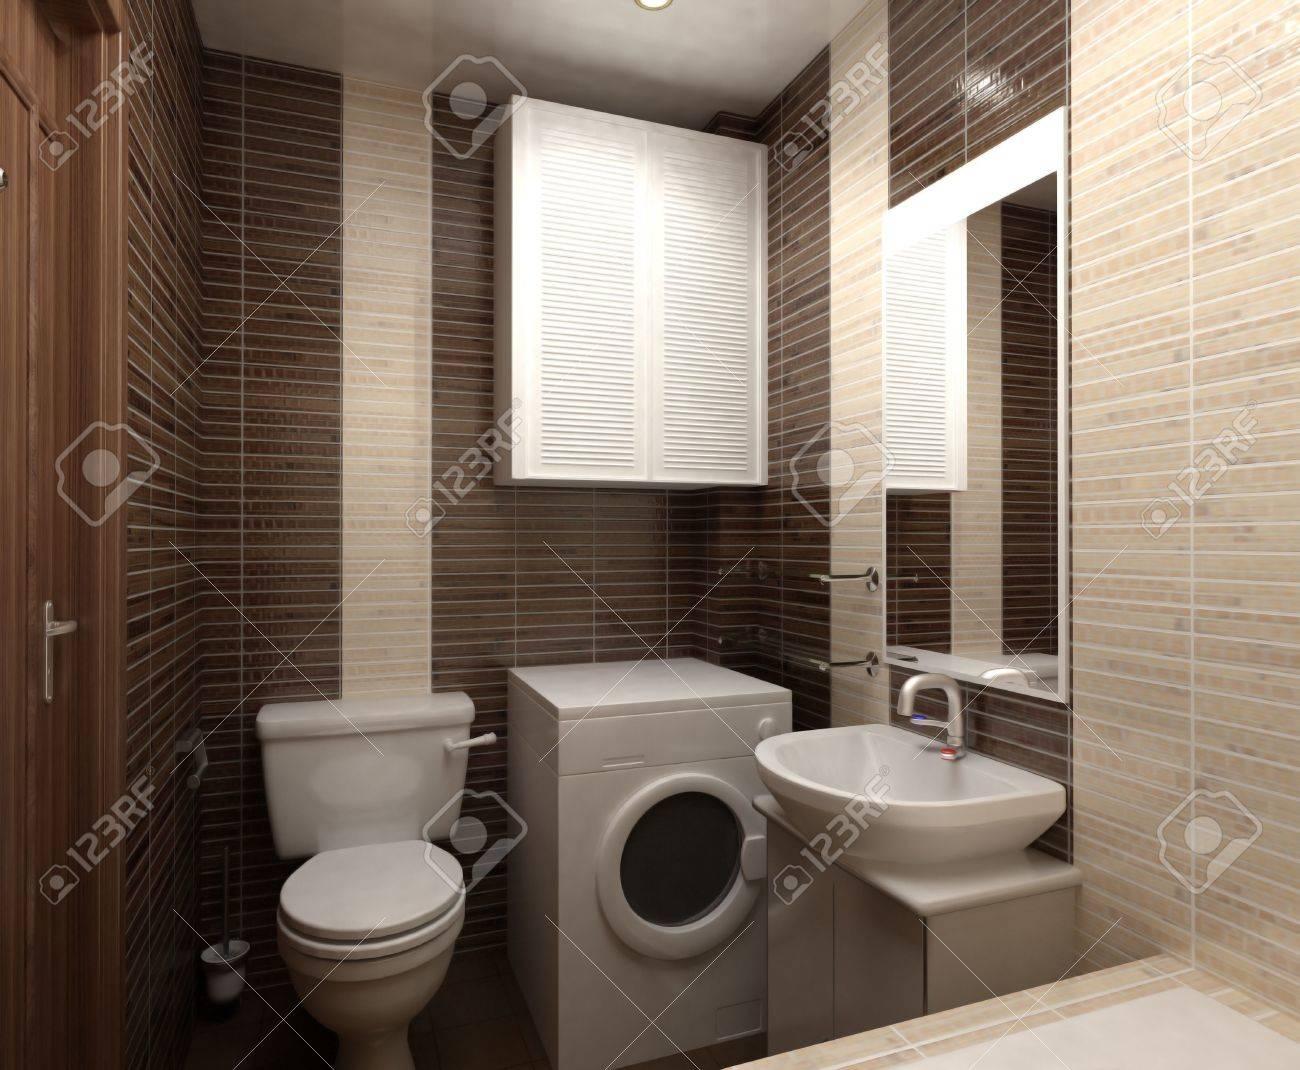 Salle De Bain Avec Toilettes Et Douche Dans La Mosa Que Jaune Banque